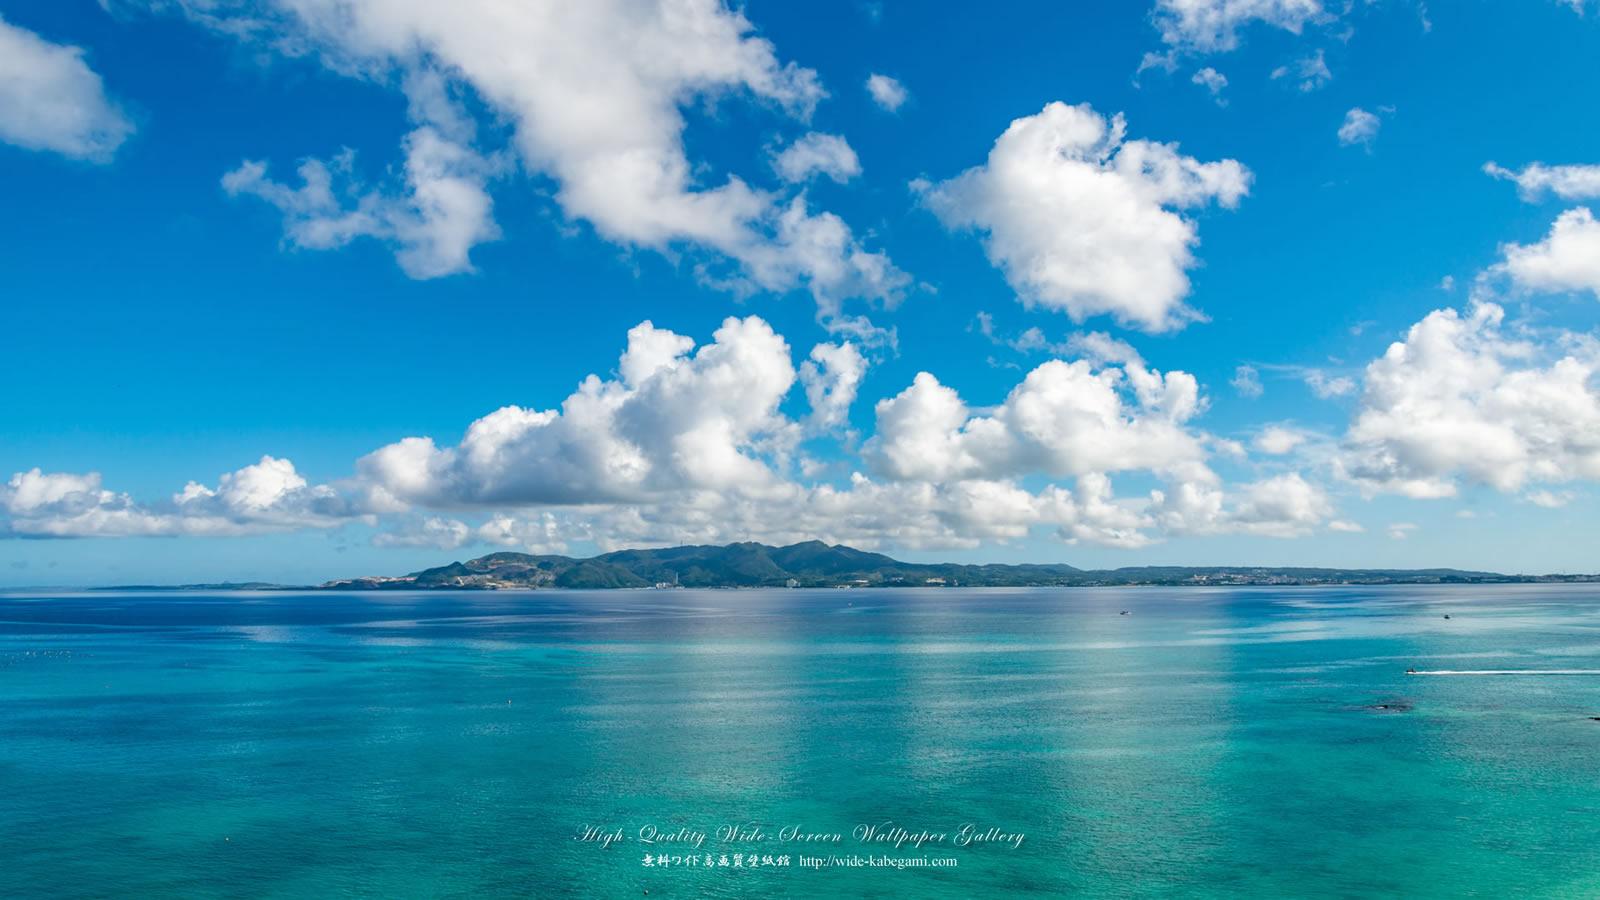 自然風景のワイド壁紙 1600x900 沖縄 青い海と白い雲 無料ワイド高画質壁紙館